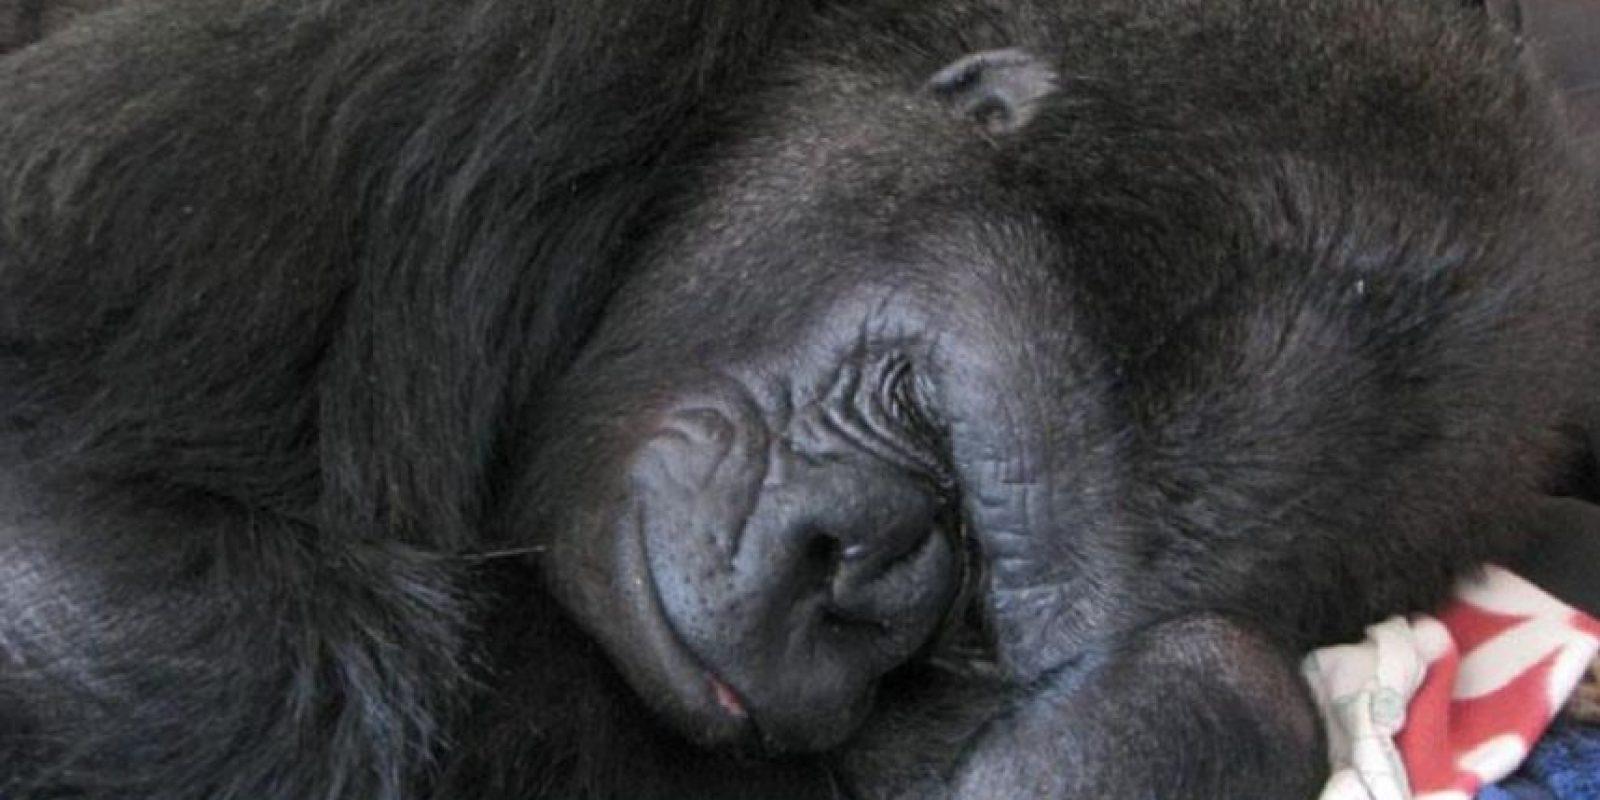 Se ha dado a conocer por el trabajo de investigación y comunicación que ha hecho con Koko Foto:Vía .facebook.com/Koko-The-Gorilla-Foundation